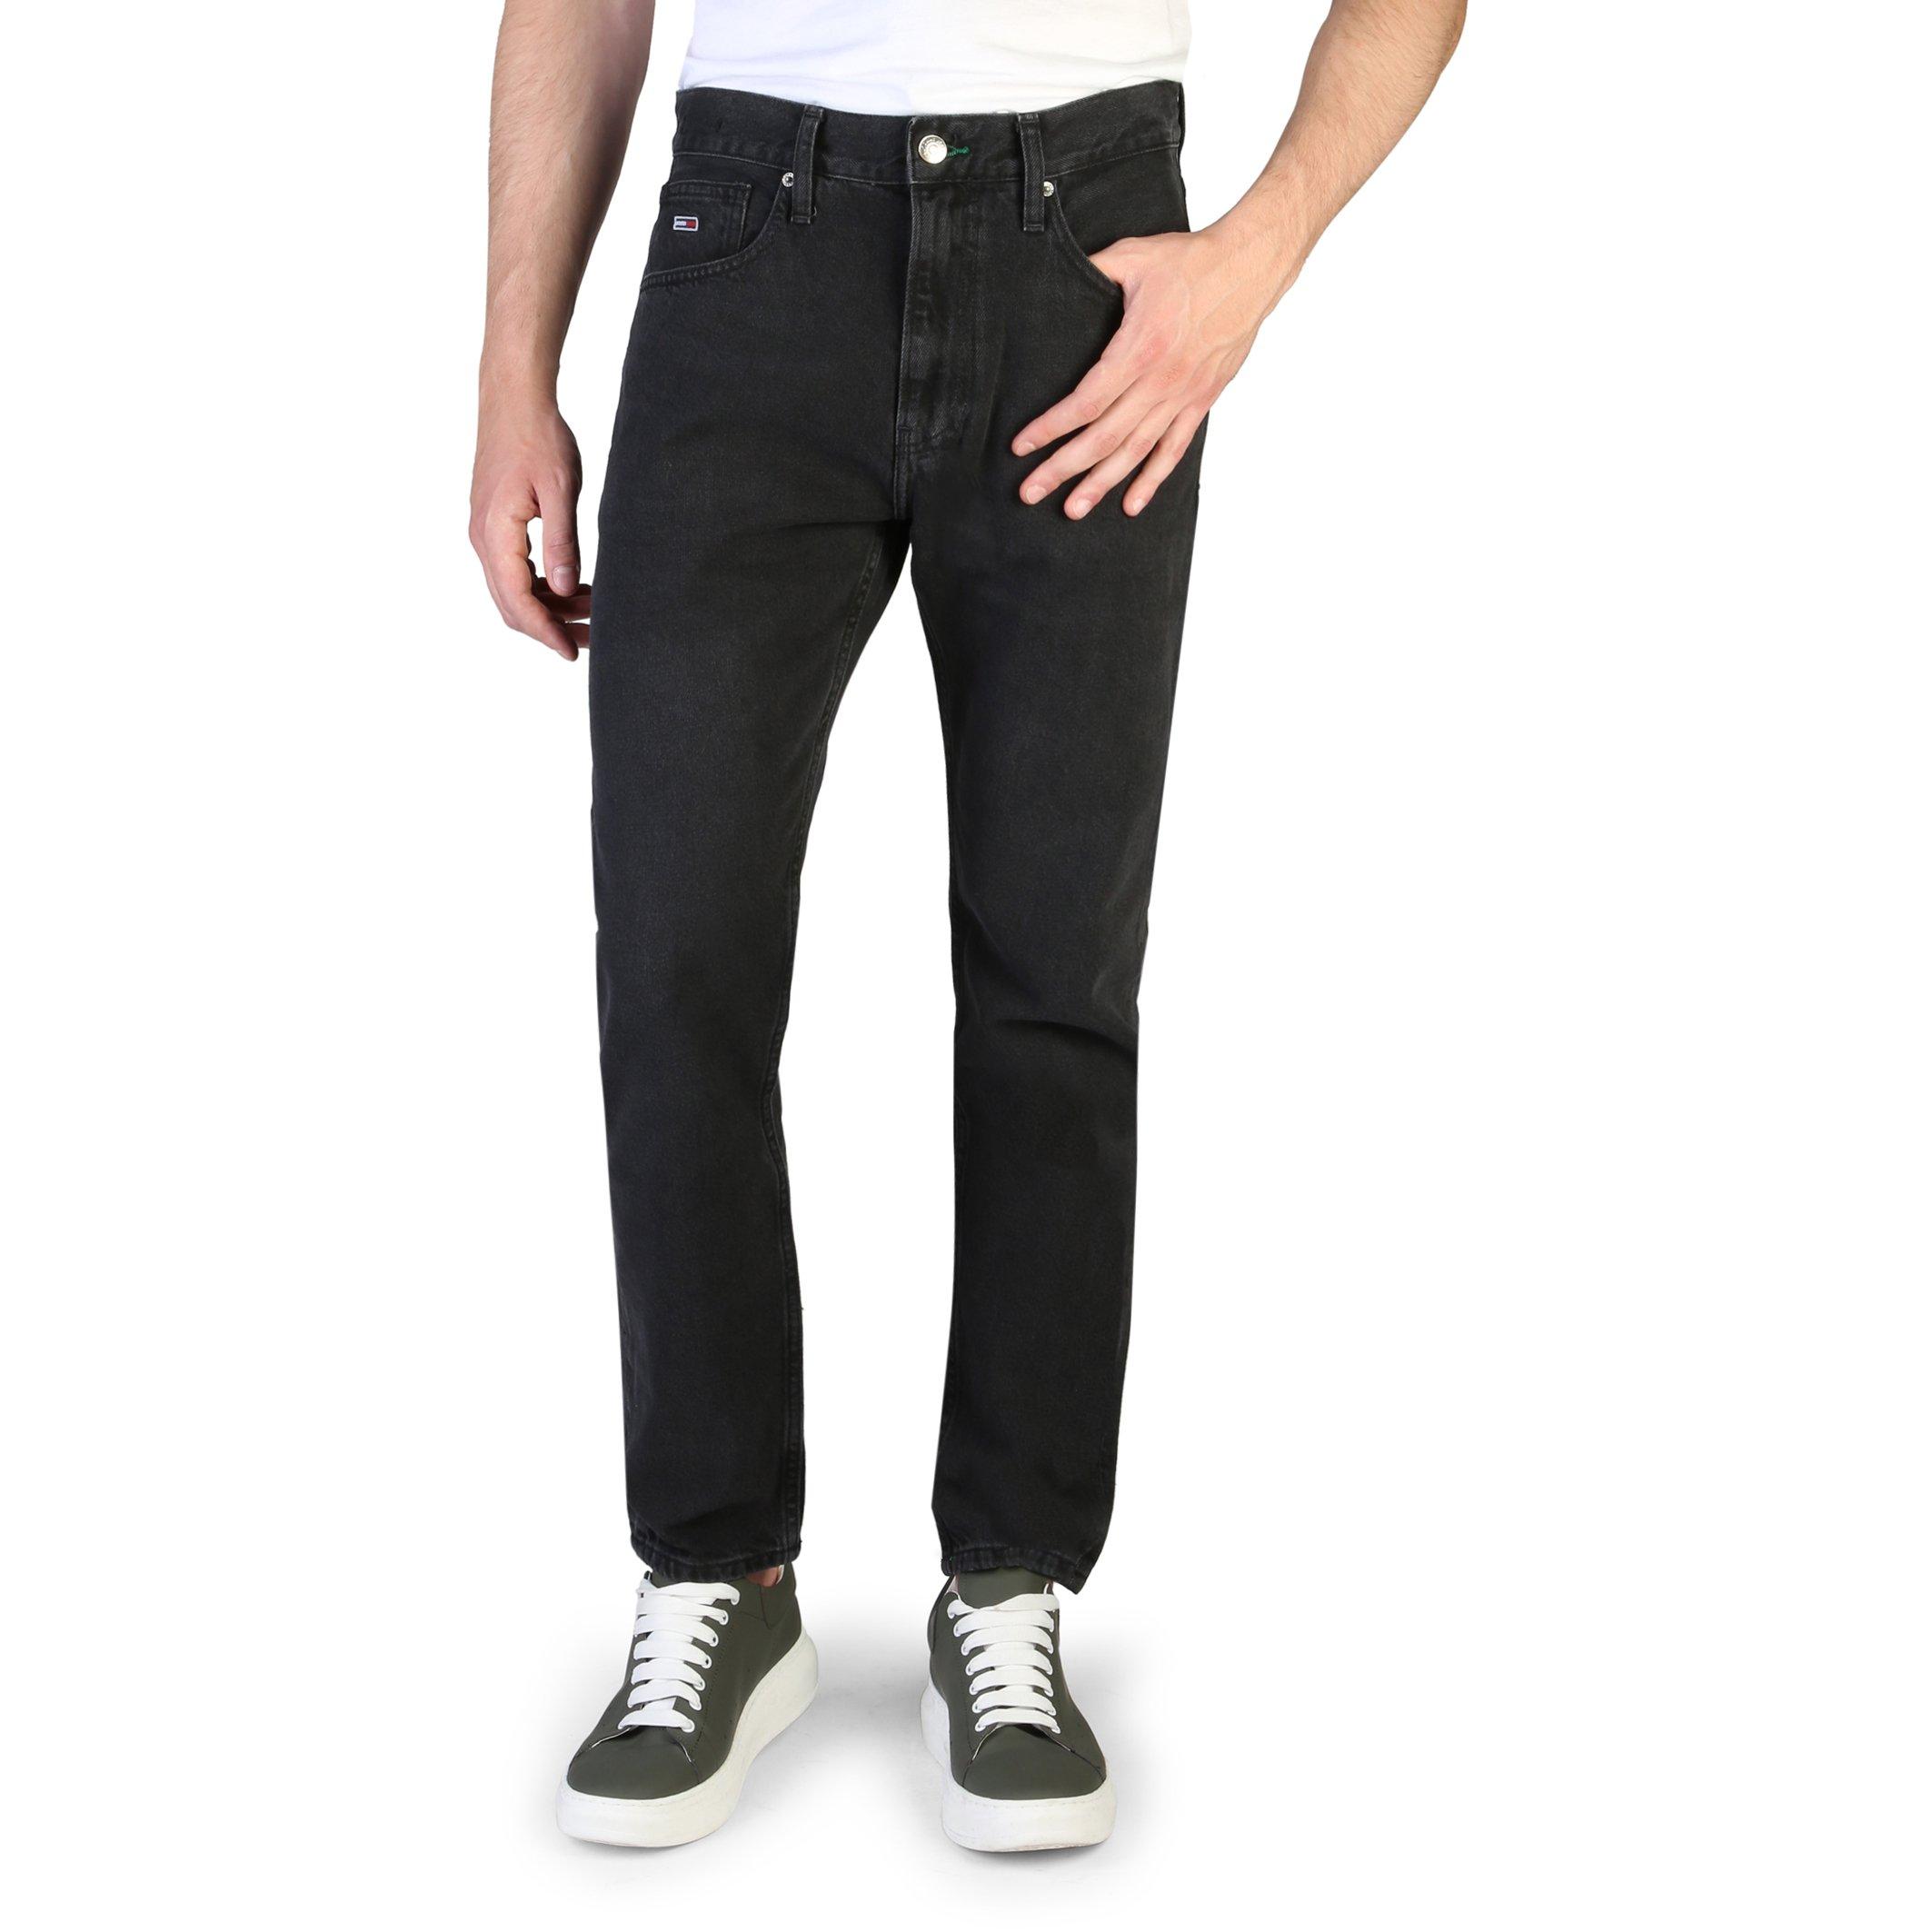 Tommy Hilfiger Men's Jeans Black DM0DM07058 - black-2 34